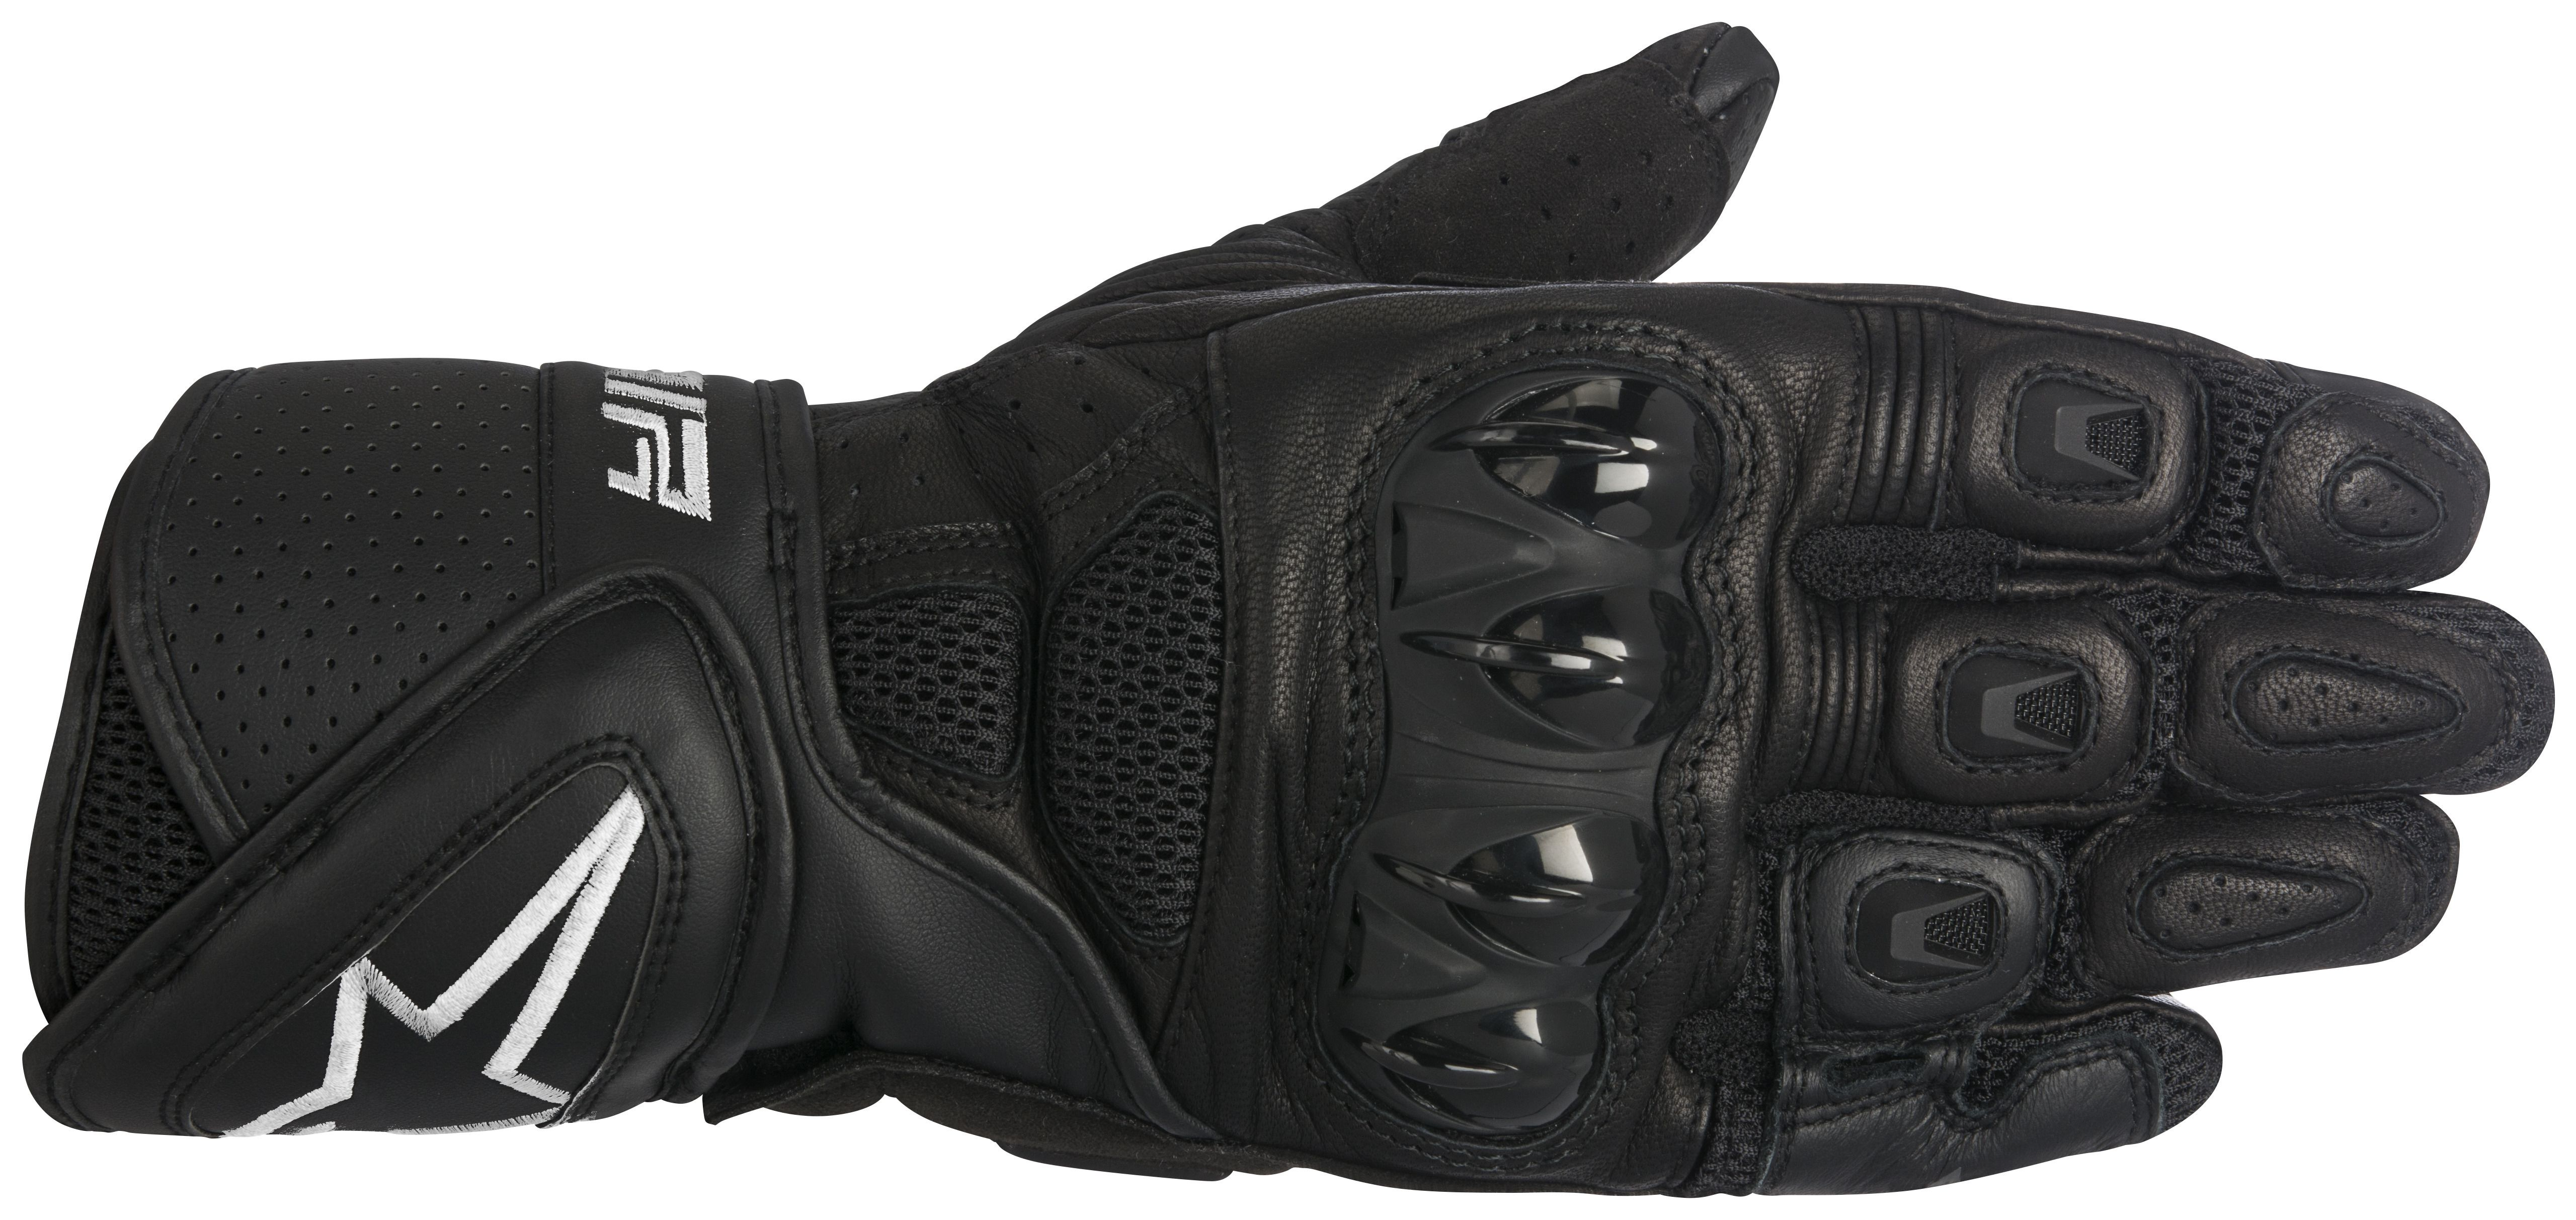 Alpinestars Stella Sp Air Gloves Revzilla